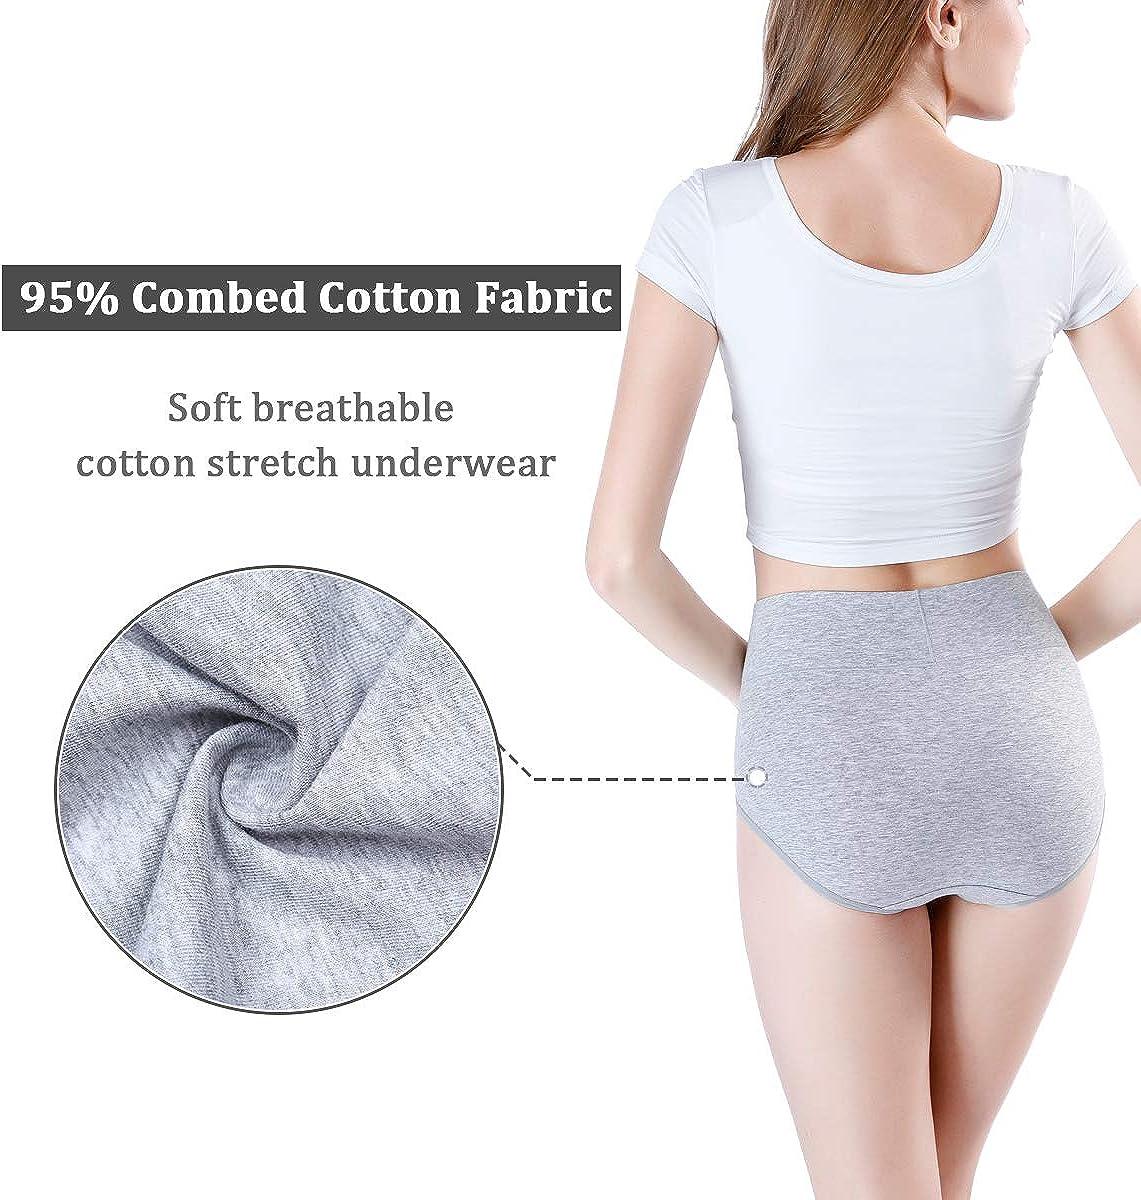 wirarpa Damen Unterhosen Baumwolle Slip Damen High Waist Taillenslip Wochenbett Unterwäsche Kaiserschnitt Unterhose Mehrpack Grau